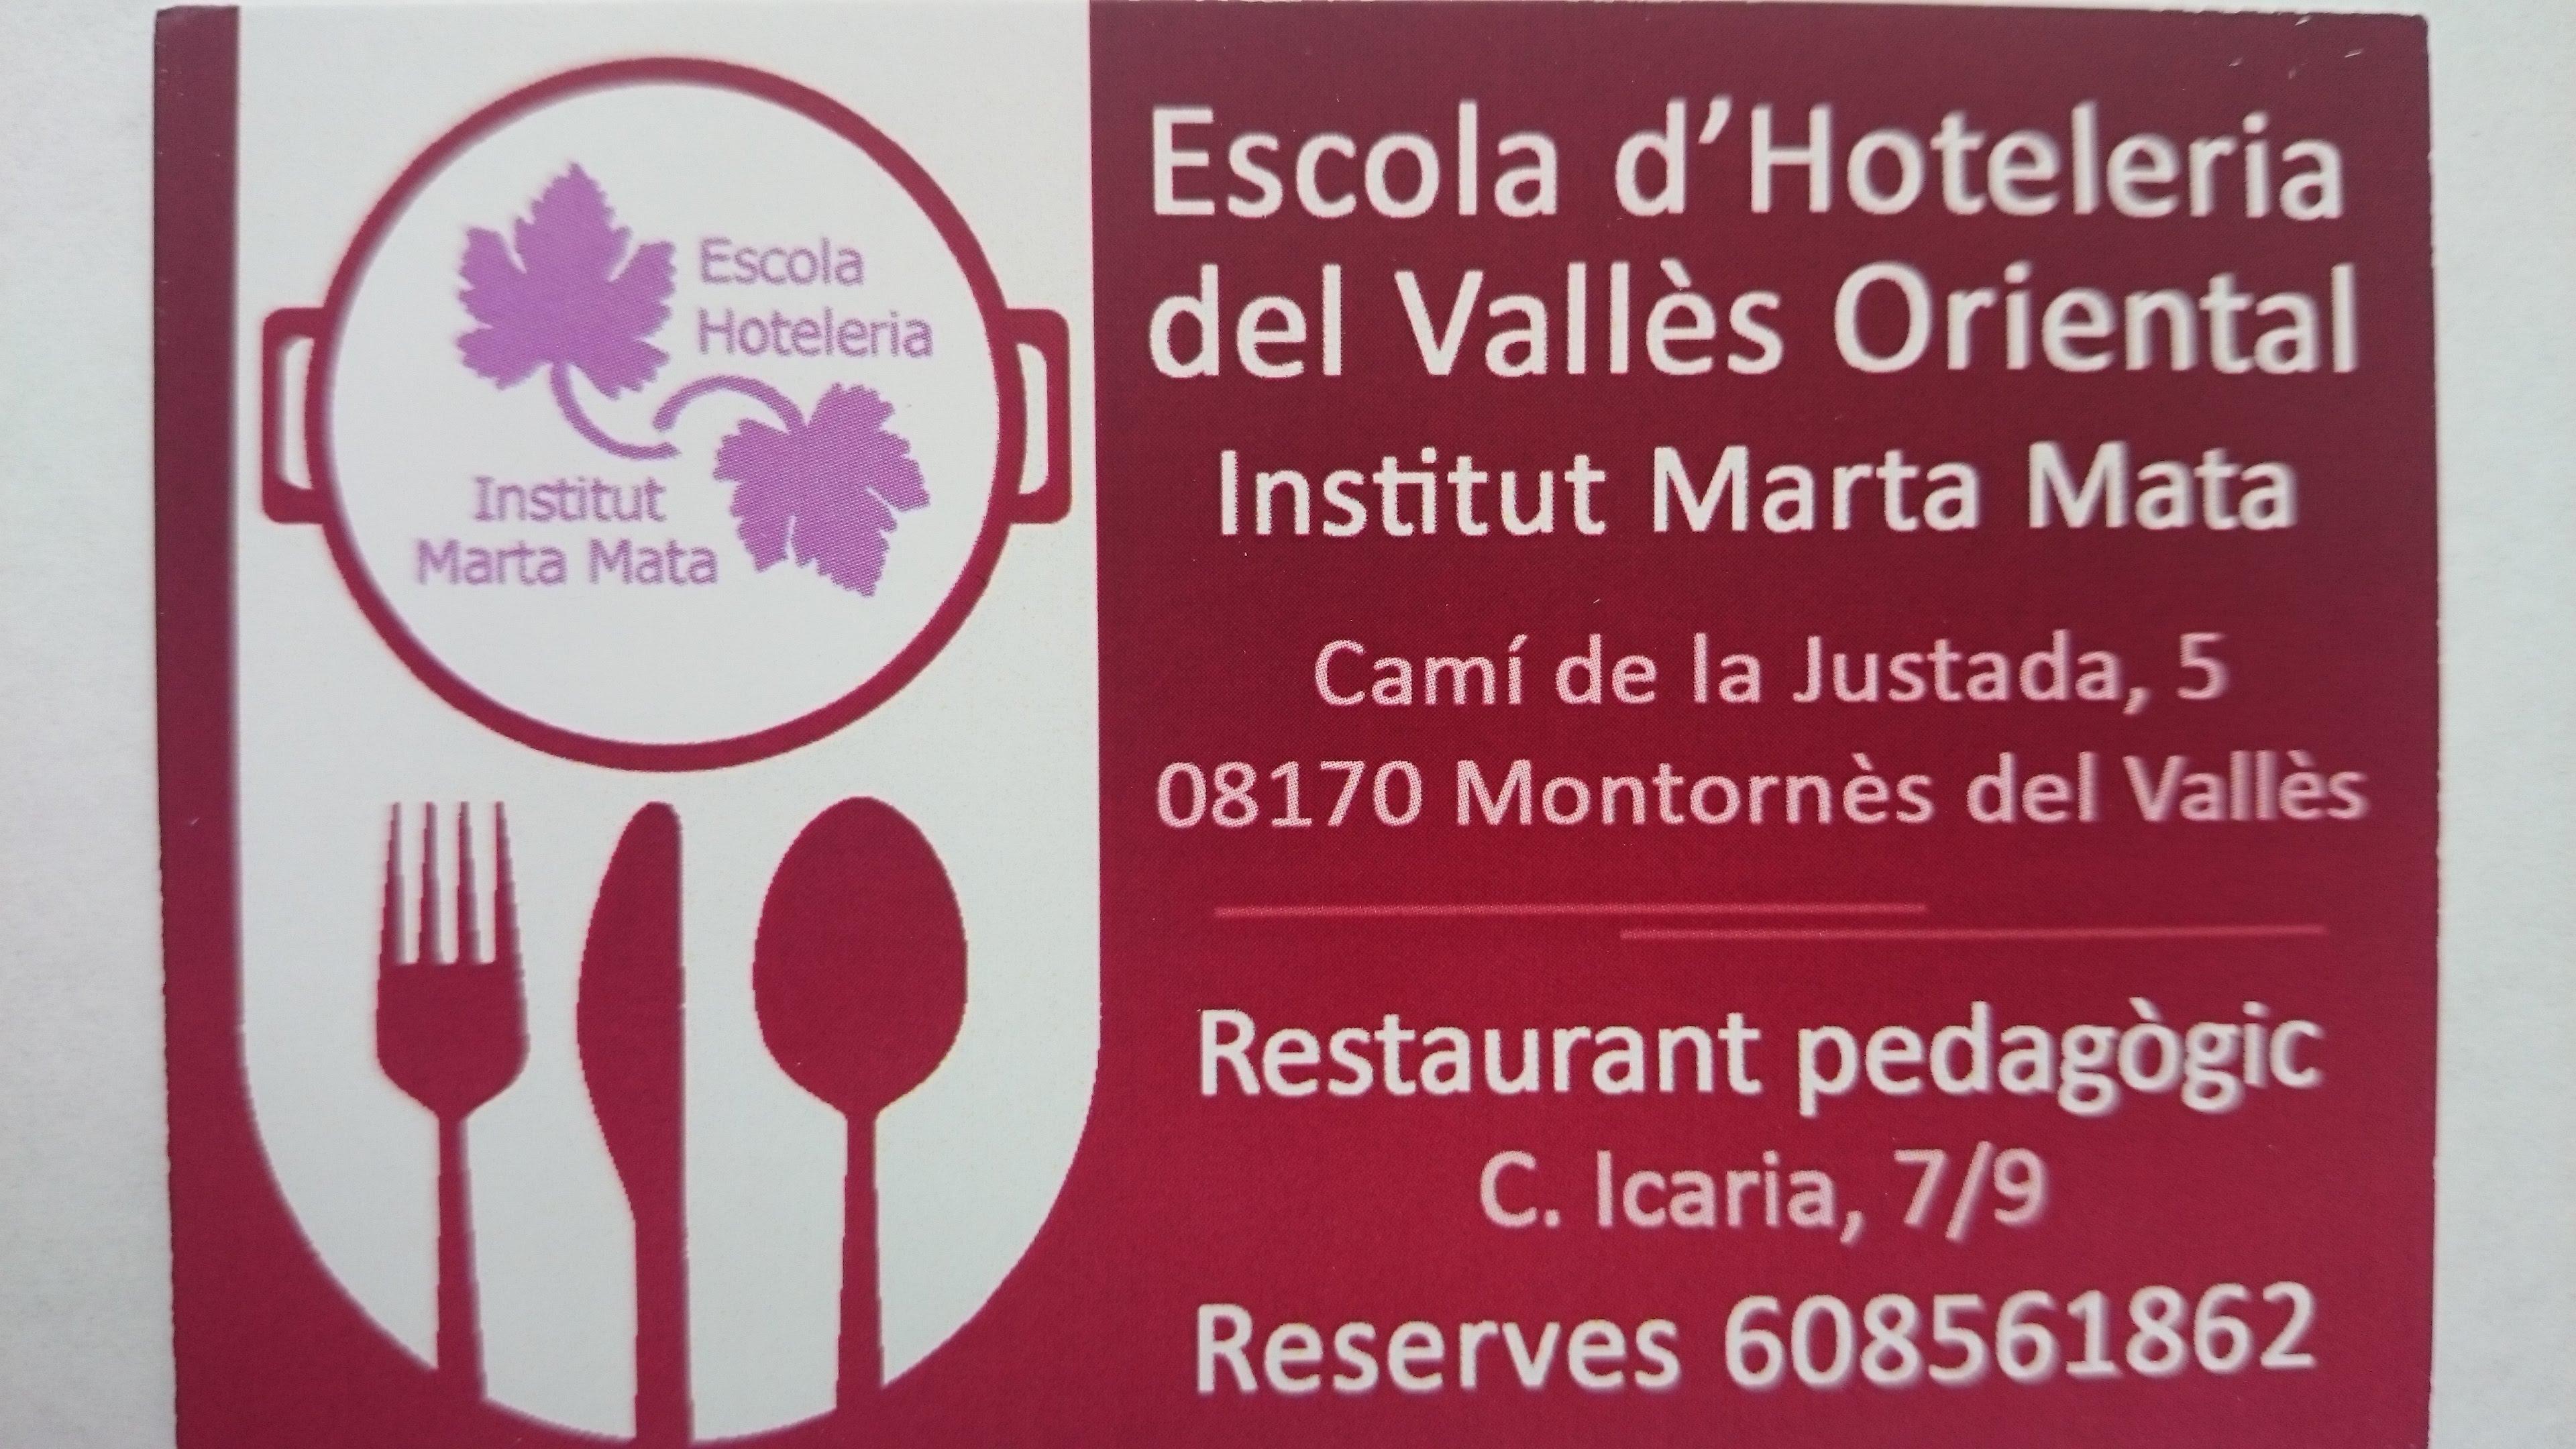 Escola d'Hoteleria del Vallès Oriental